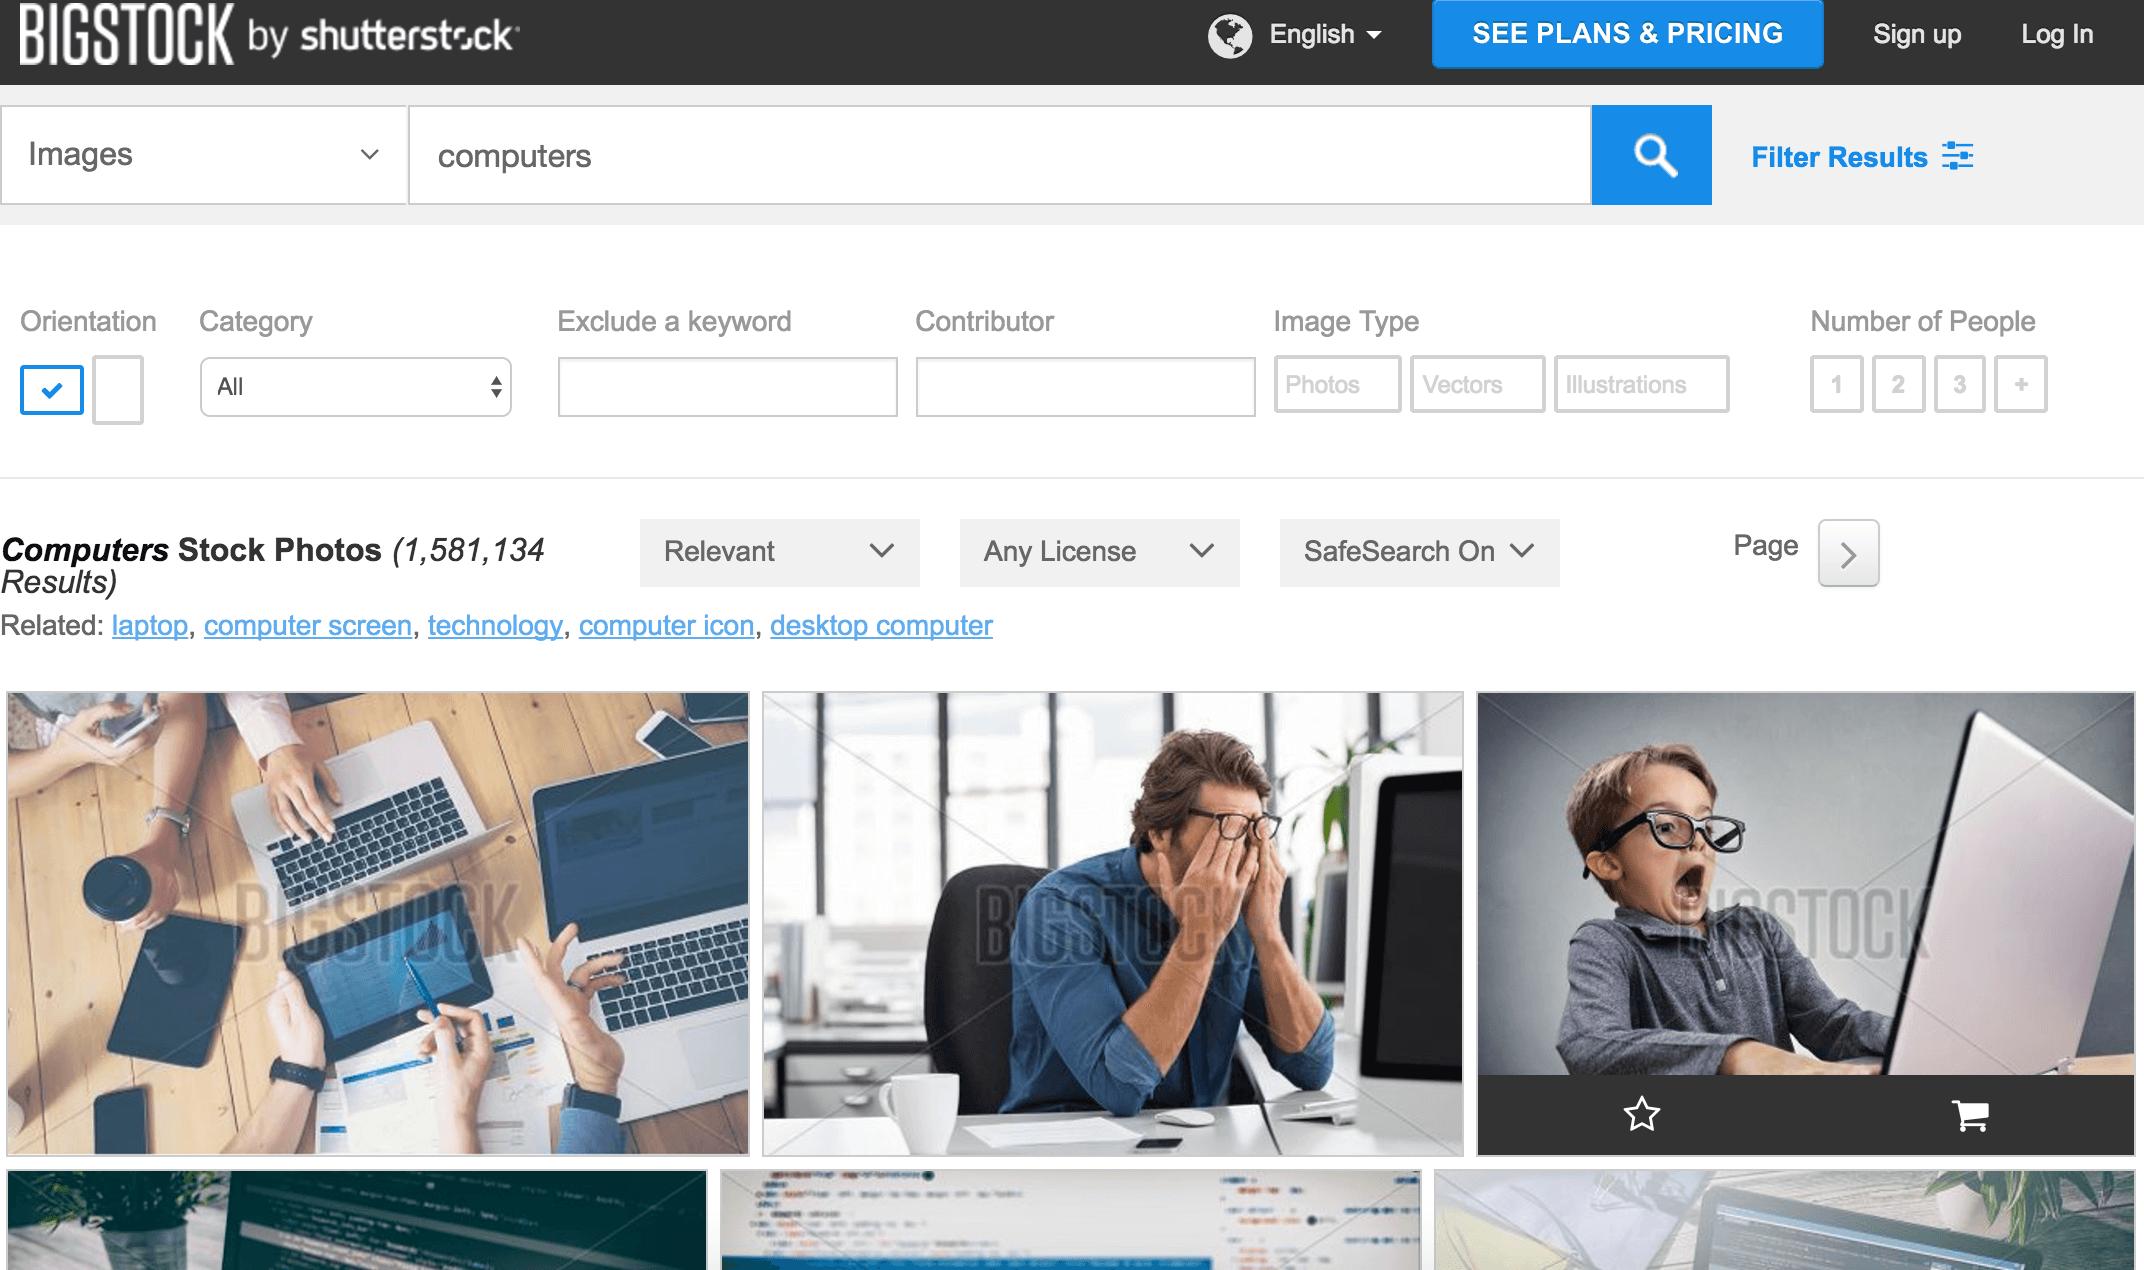 BigStock Search